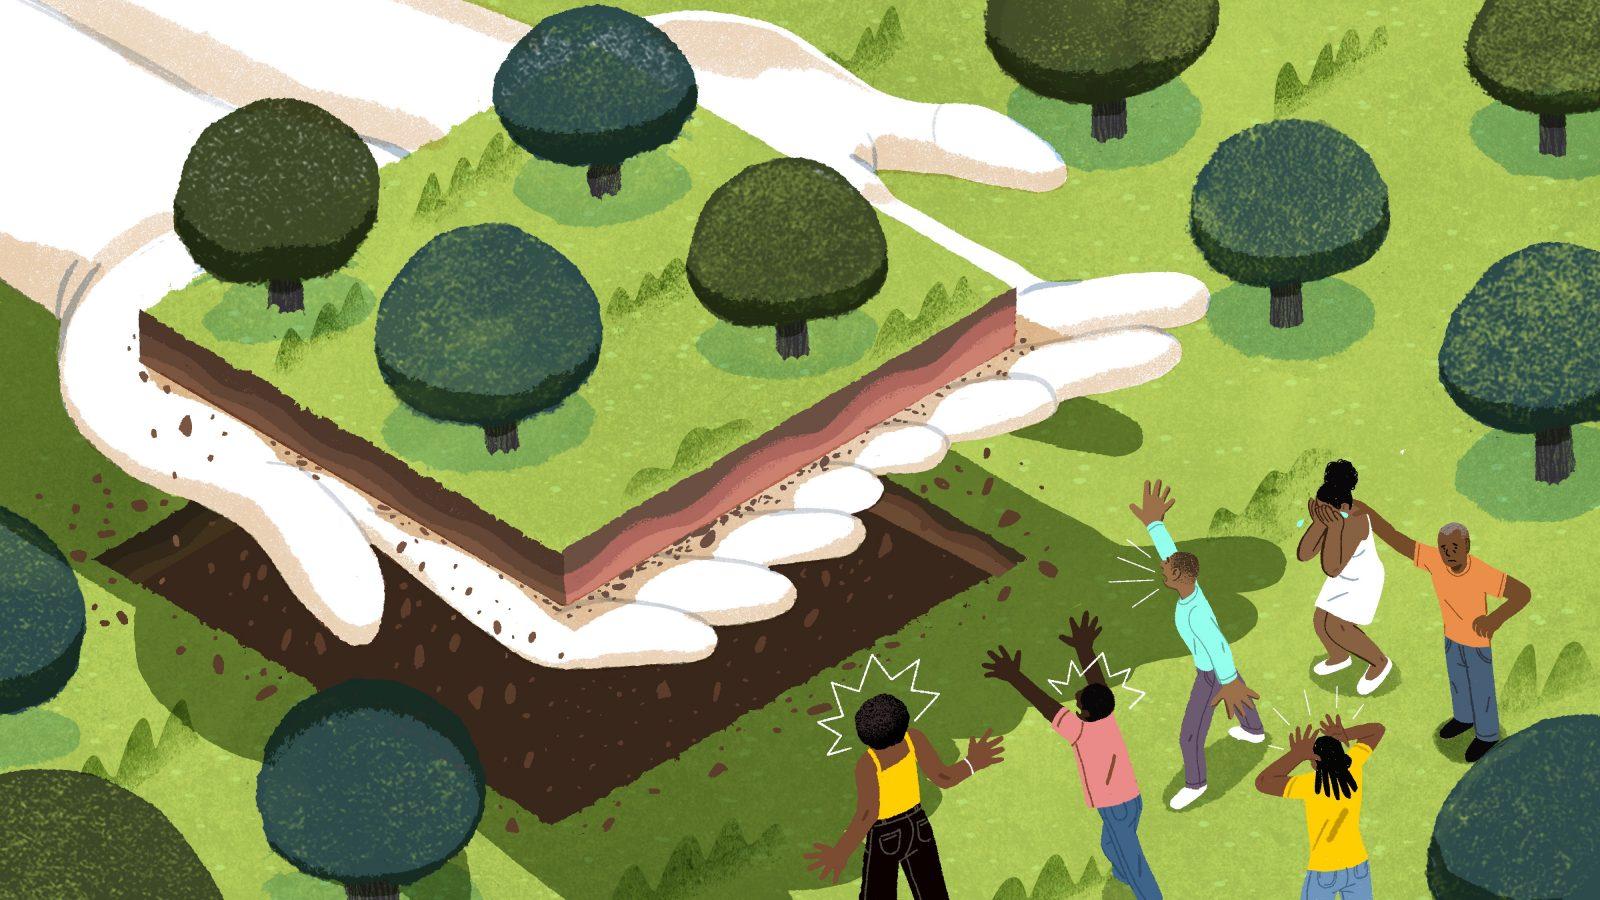 Hands giving back a plot of land illustration